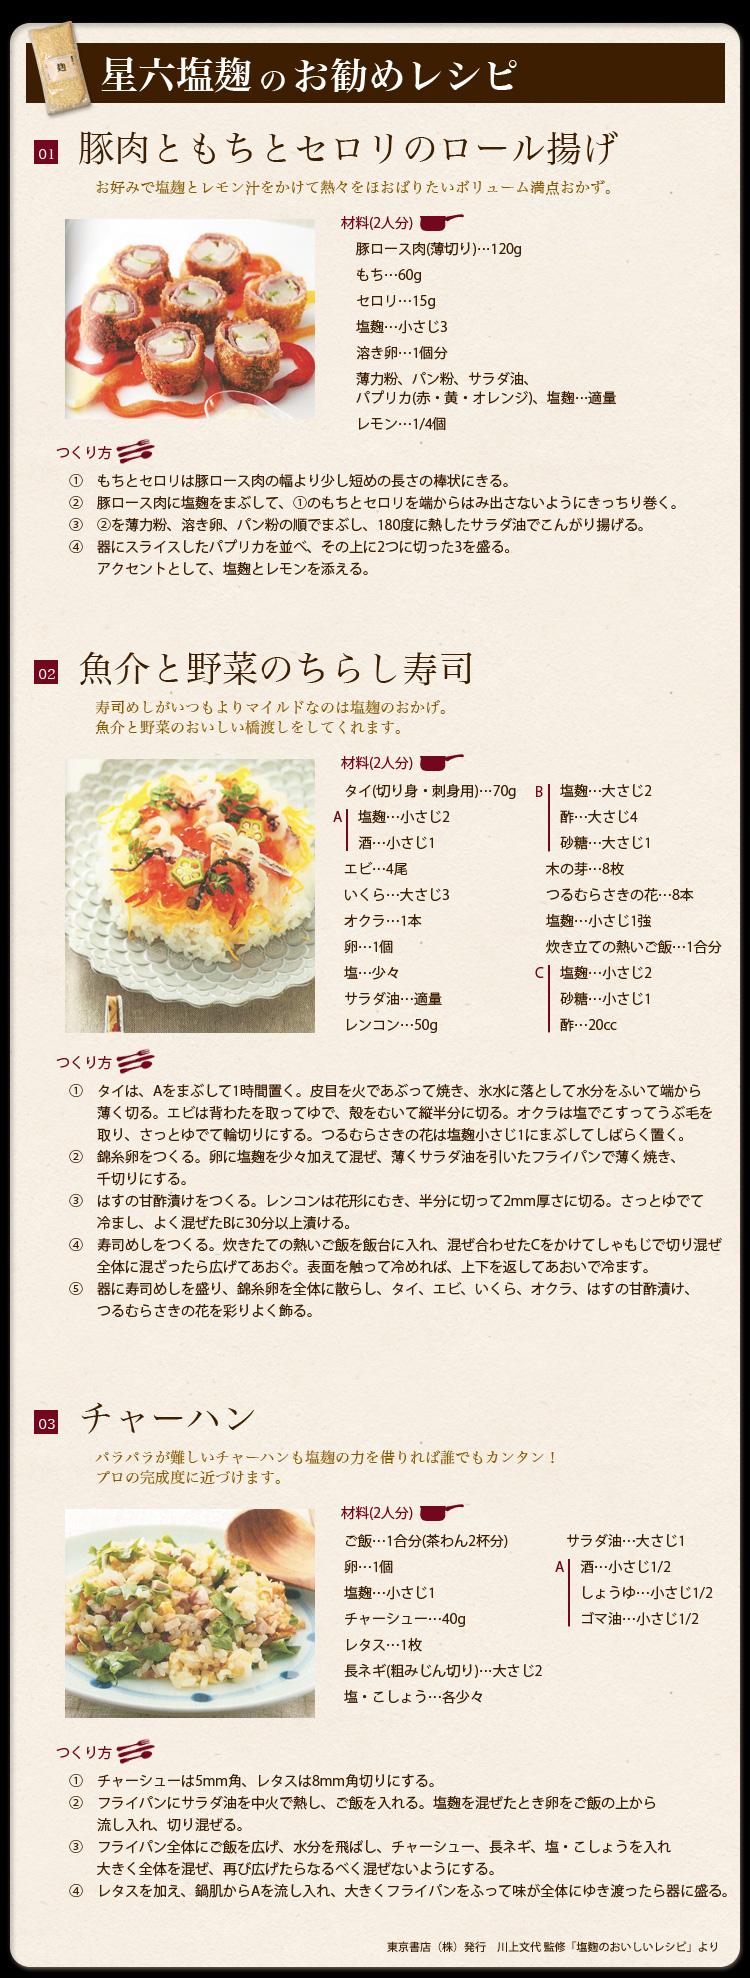 塩麹レシピ書籍